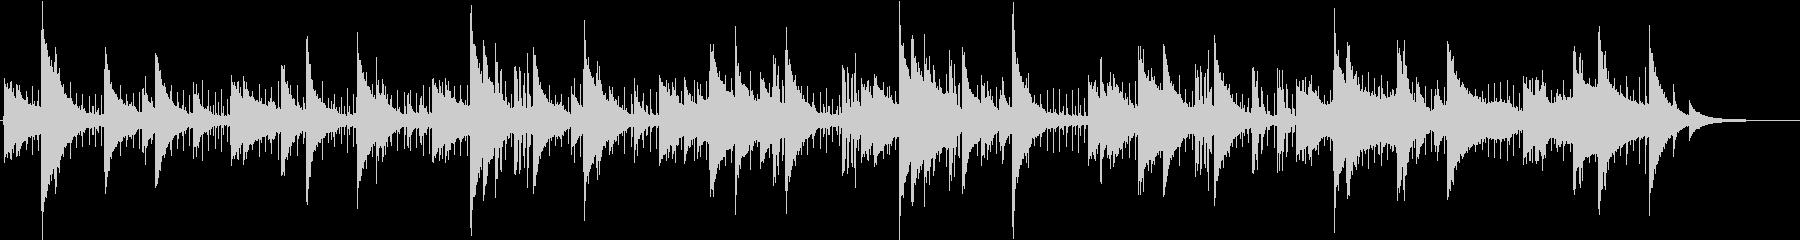 ジャズ風のピアノミニマルミュージックの未再生の波形